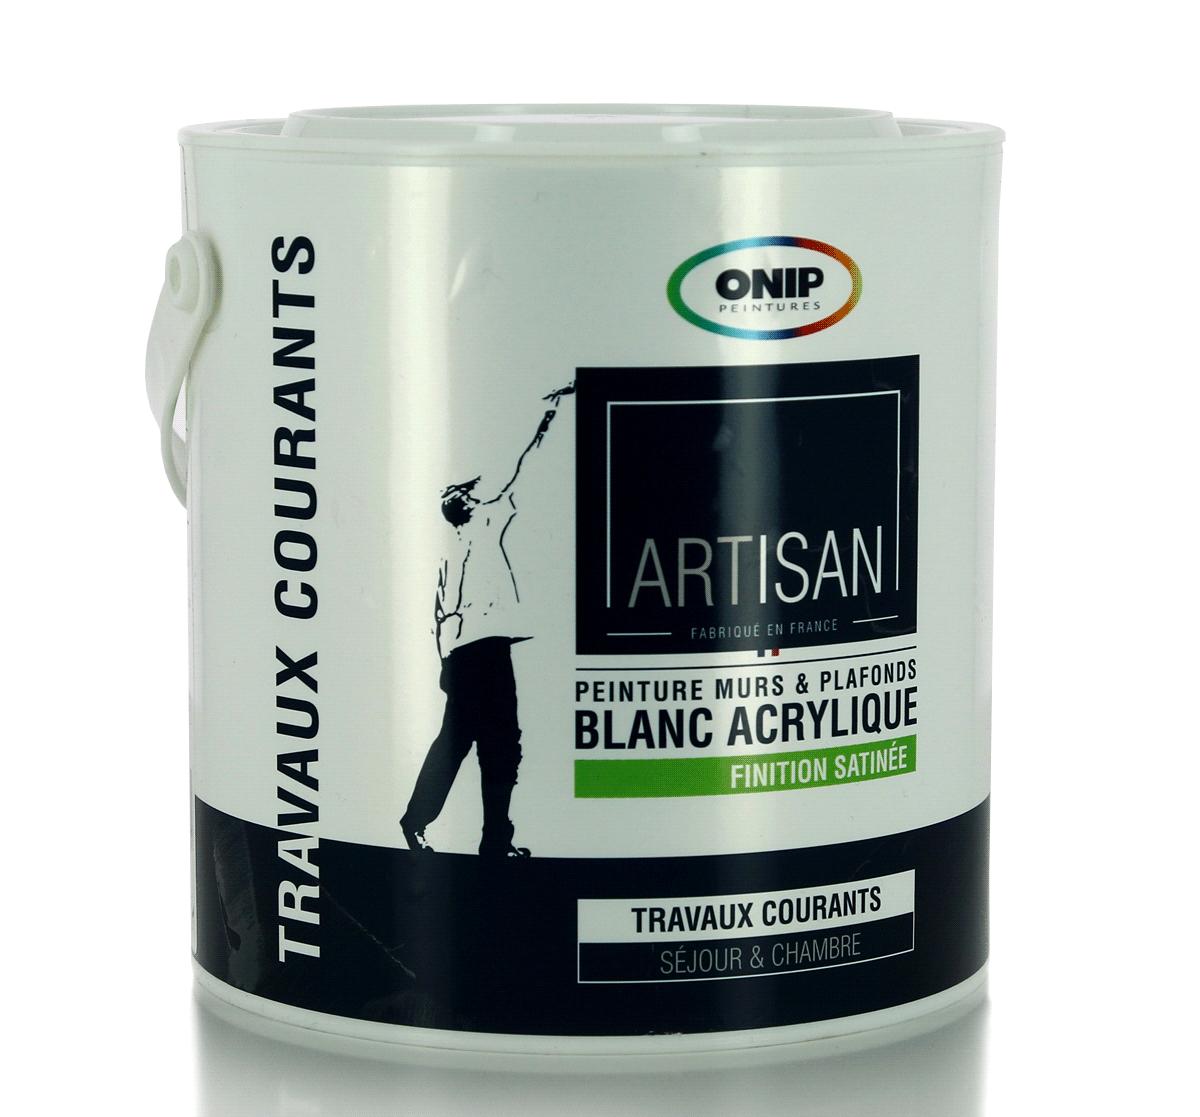 onip peinture acrylique blanche bicouche satin e 10l pas cher achat vente peinture. Black Bedroom Furniture Sets. Home Design Ideas